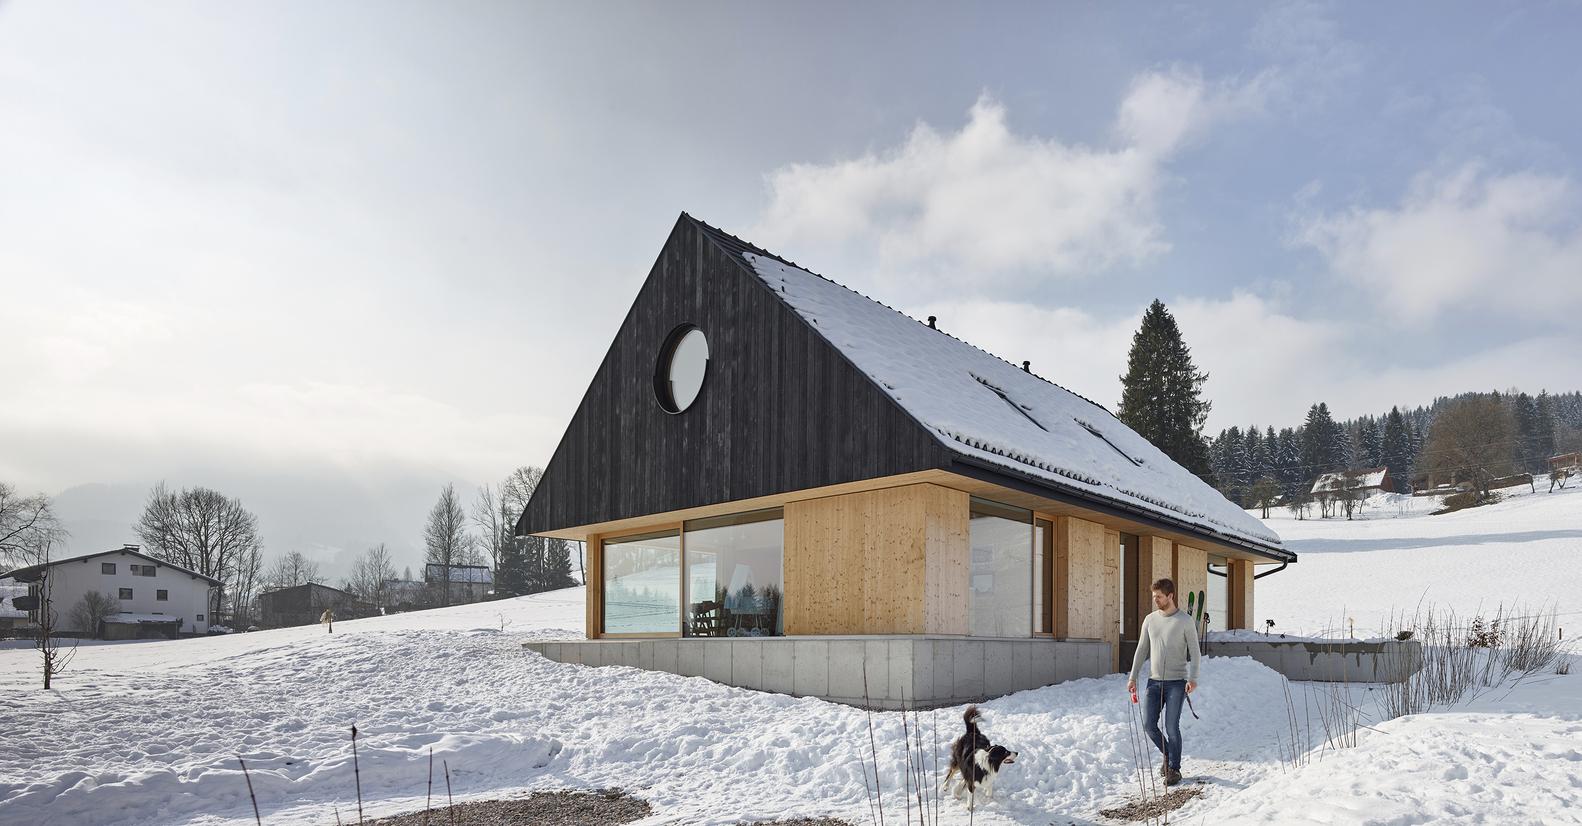 architektur haus villa architektur haus design modern wohn haus bliss waechter architektur. Black Bedroom Furniture Sets. Home Design Ideas